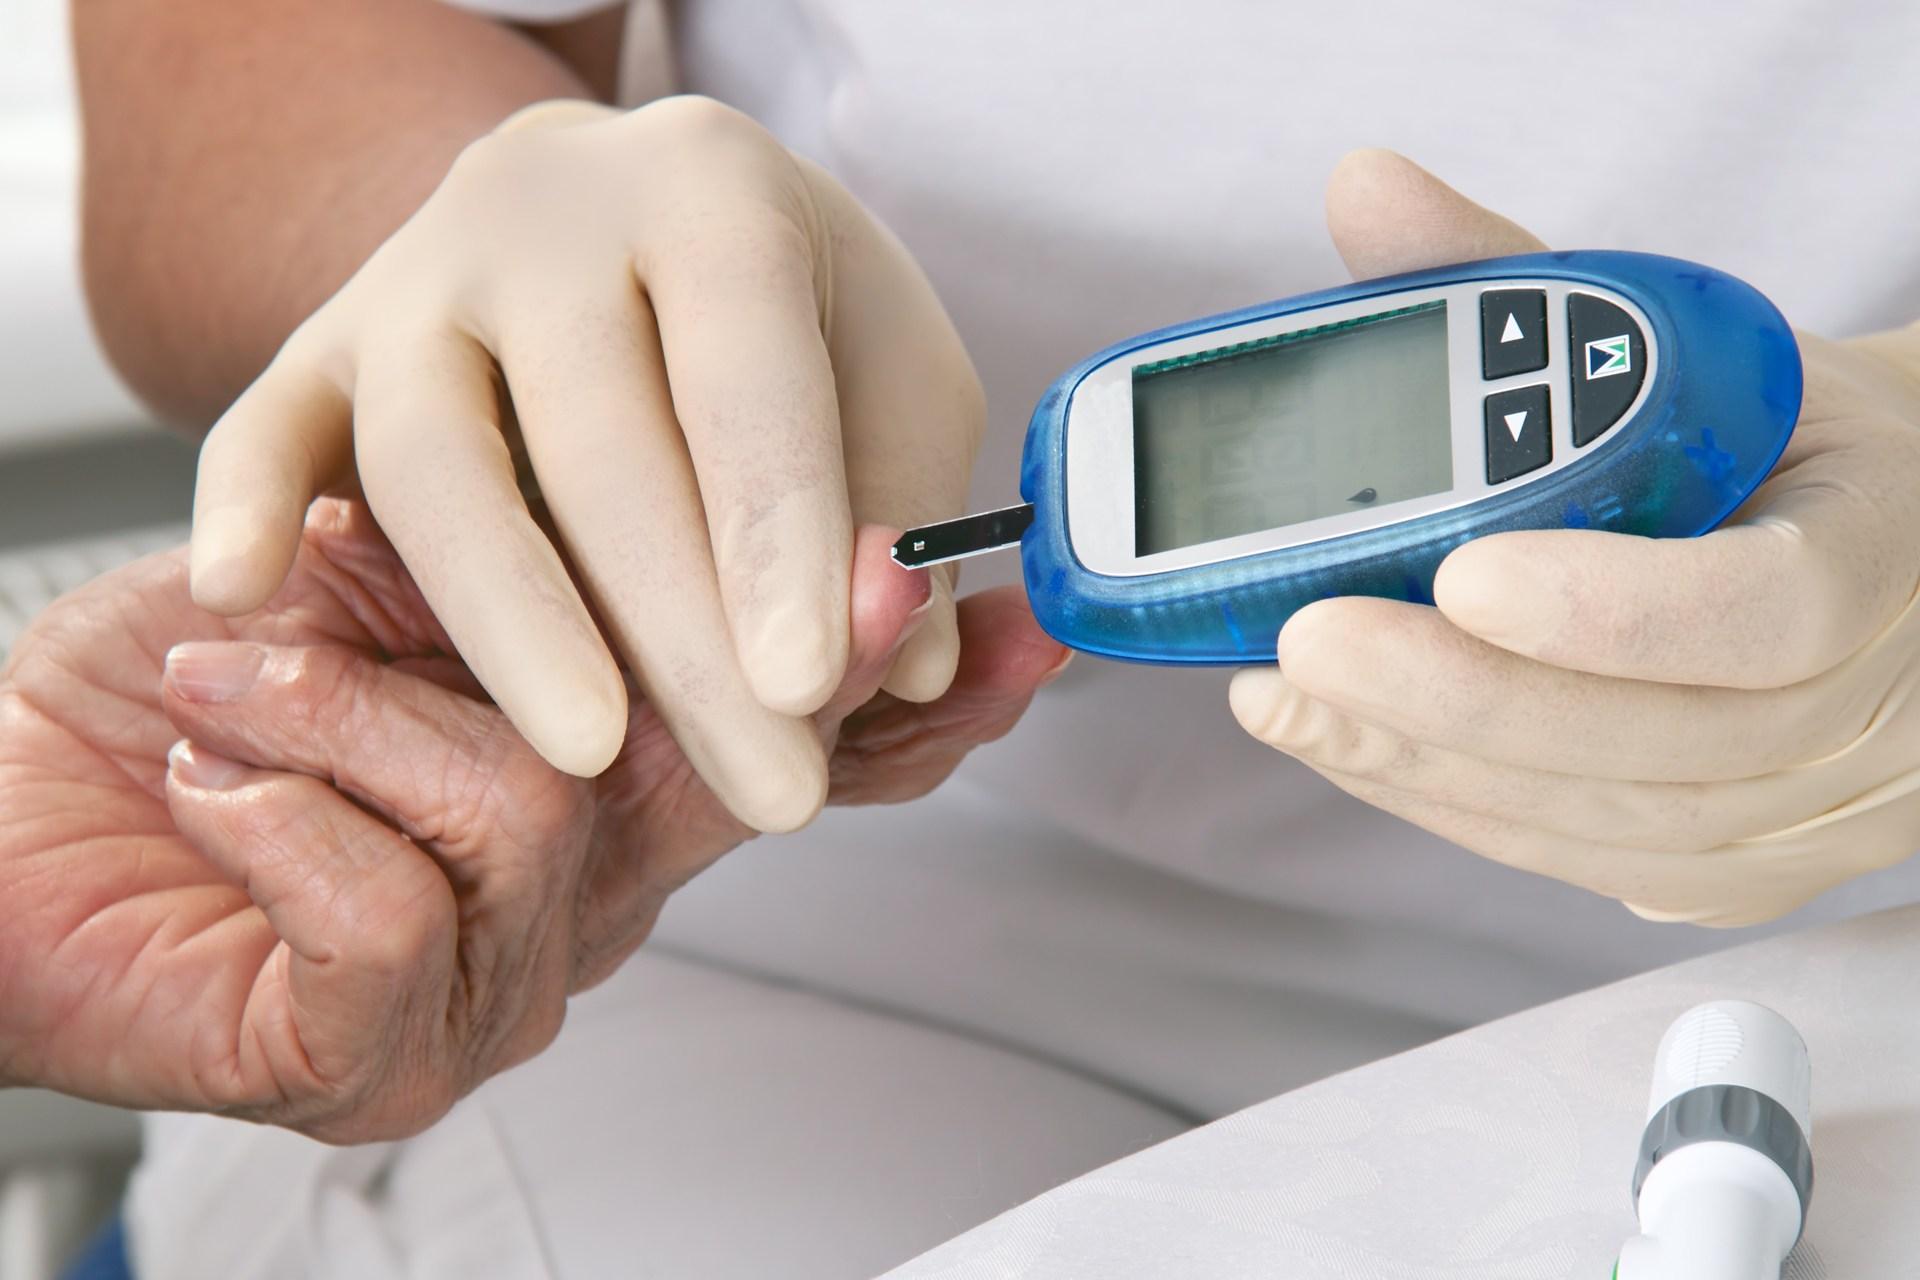 повышен уровень холестерина в крови у женщин